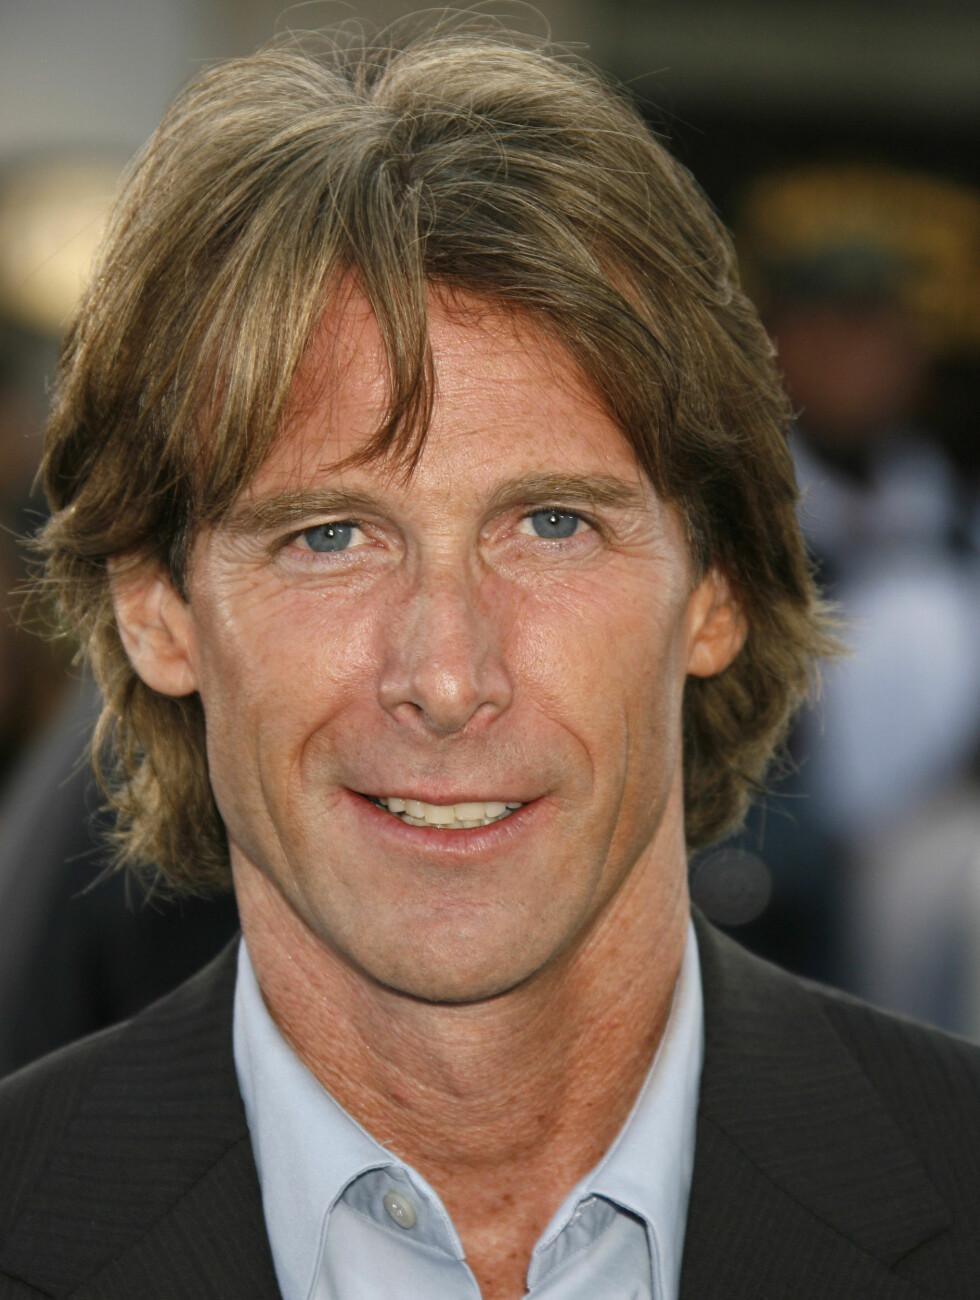 NUMMER #2: Michael Bay (47) er mannen bak actionfilmene «Transformers» og «Motorsagmassakren». Han tjente 978,5 millioner kroner det siste året. Foto: Fame Flynet